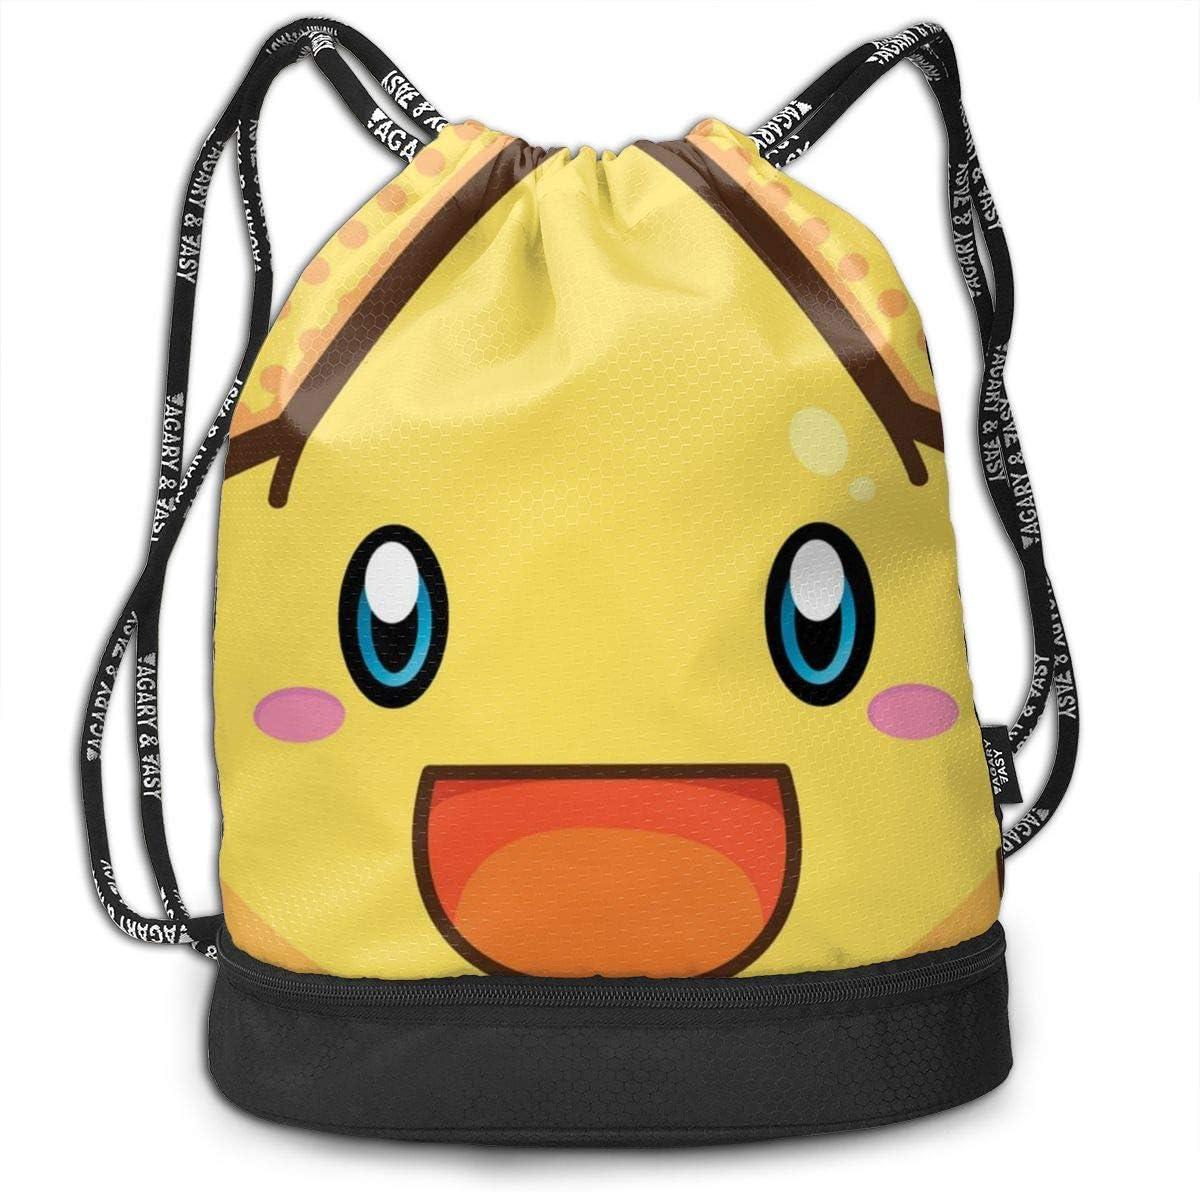 Drawstring Backpack Little Stars Bags Knapsack For Hiking